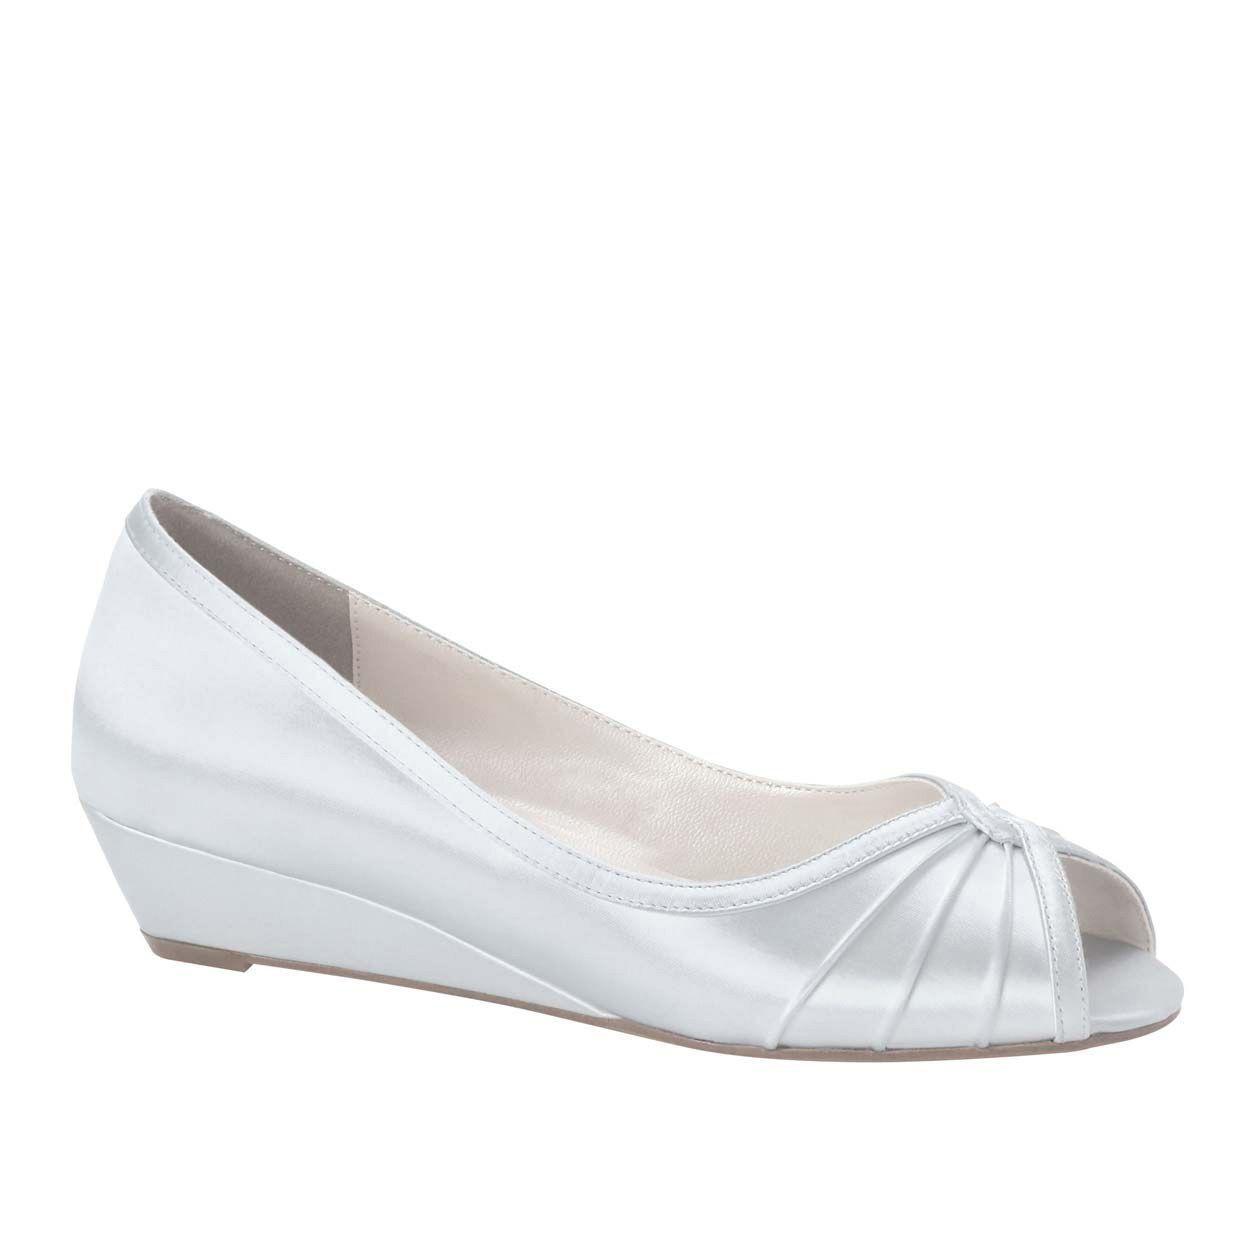 Damens's Touch Ups Honey Low Heel Wedge WEISS Größe 10.5 #NCMTO-M82